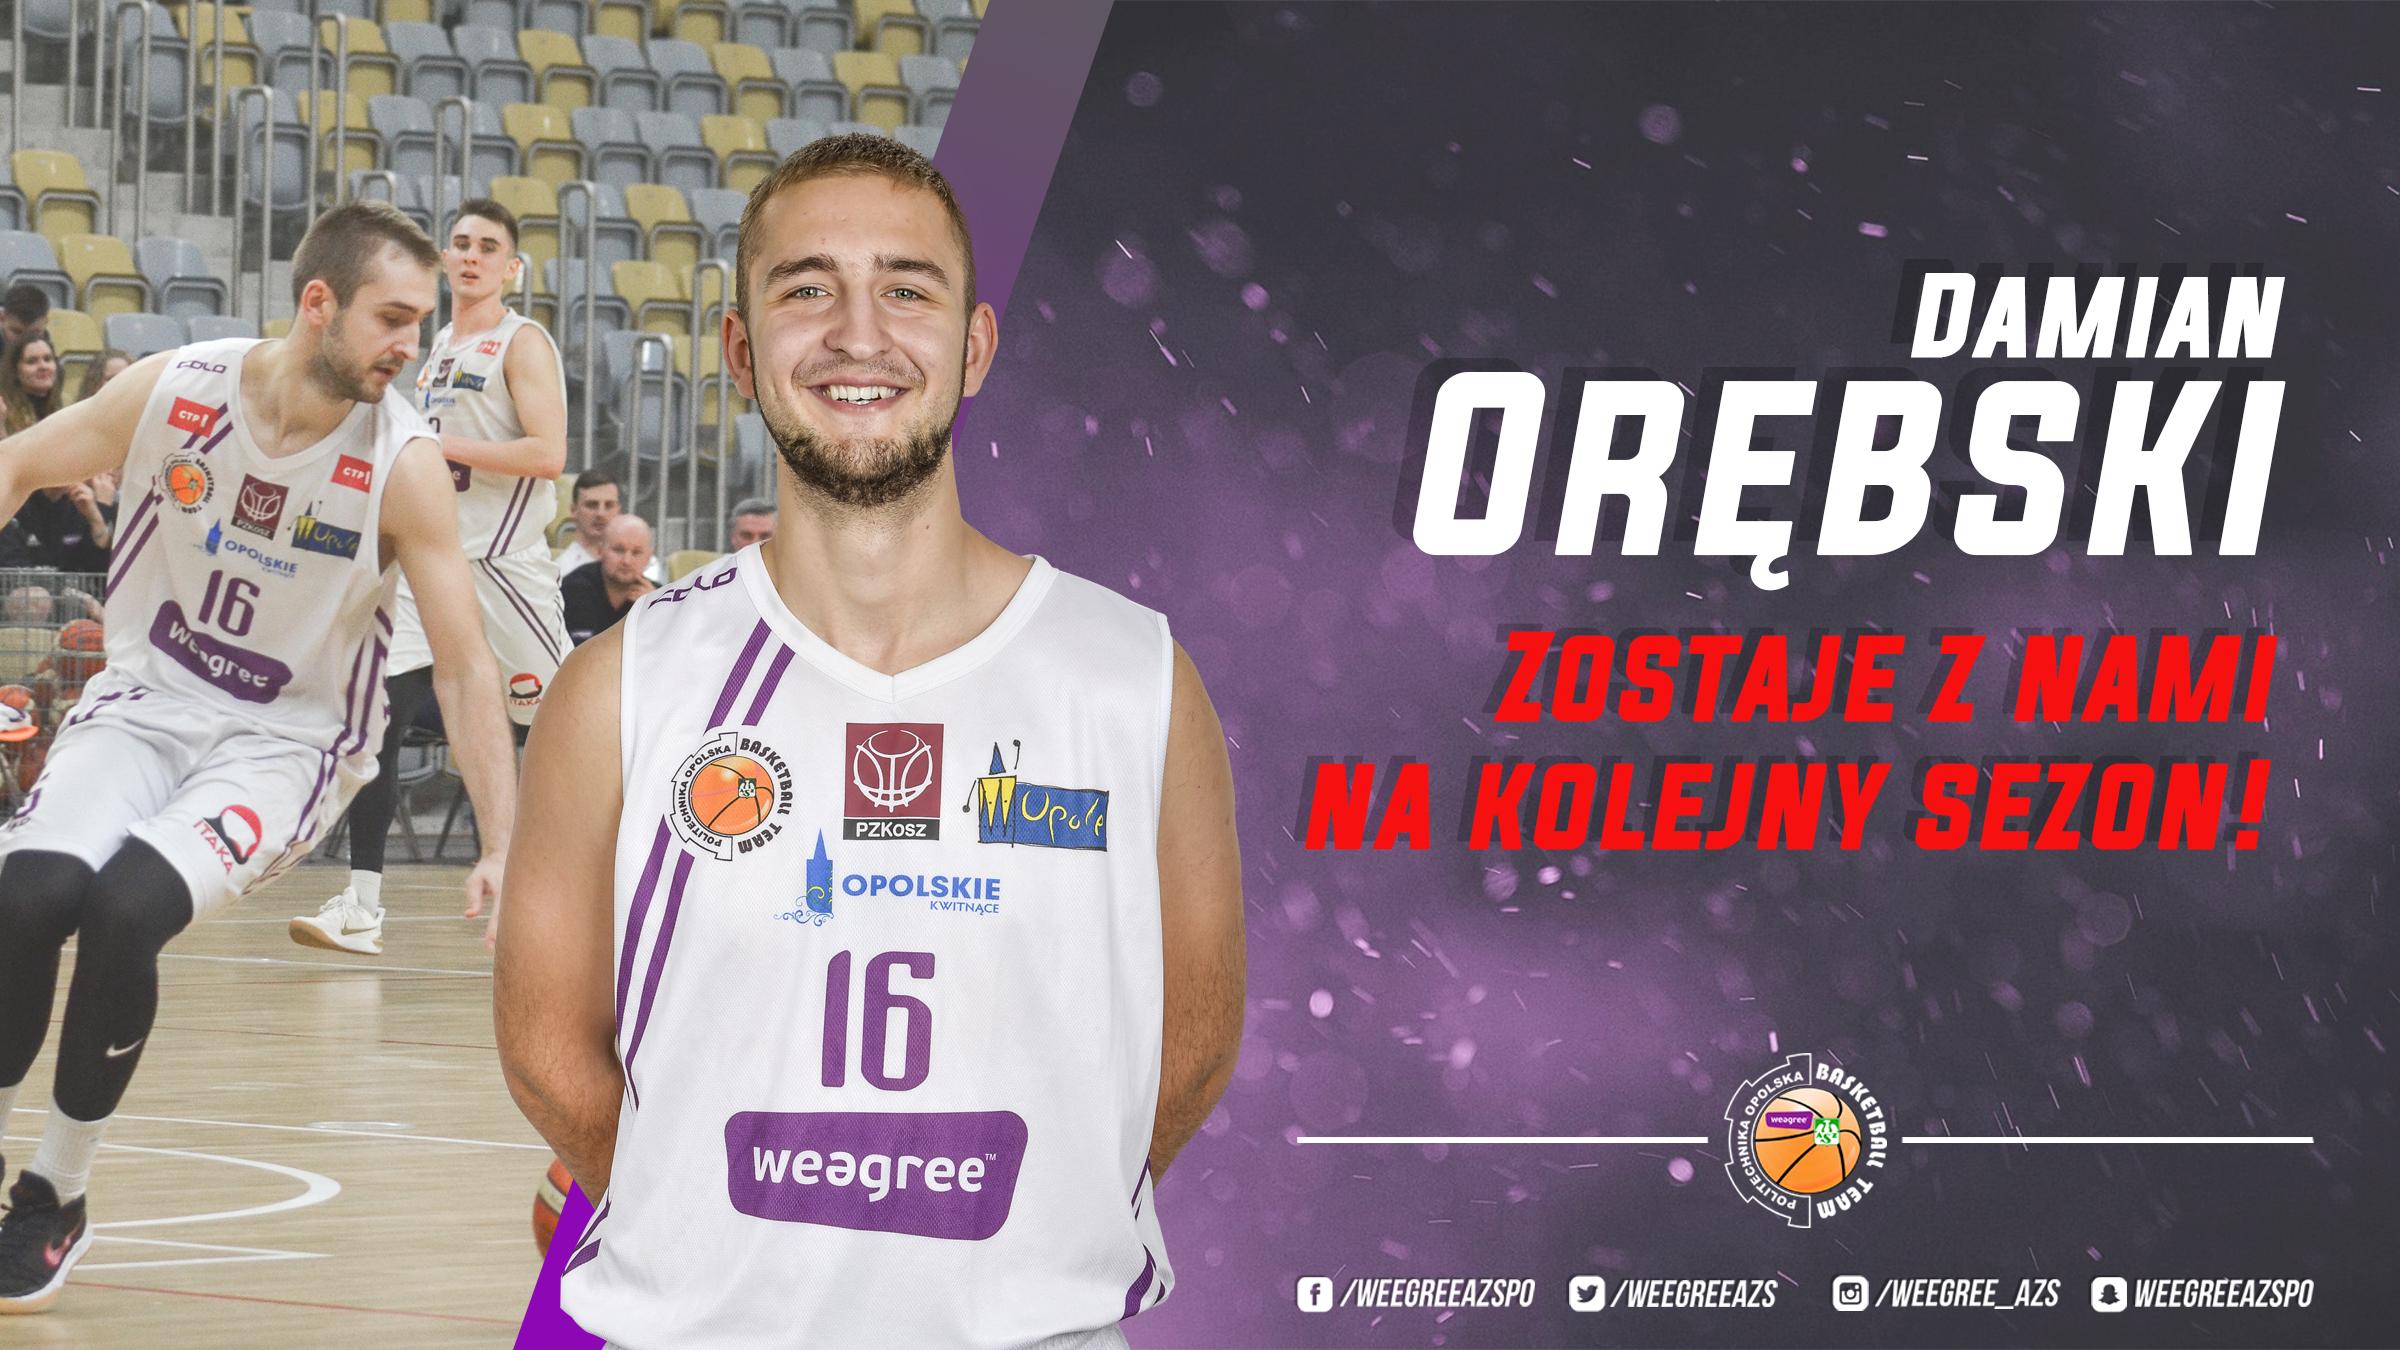 Damian Orębski zostaje na kolejny sezon!